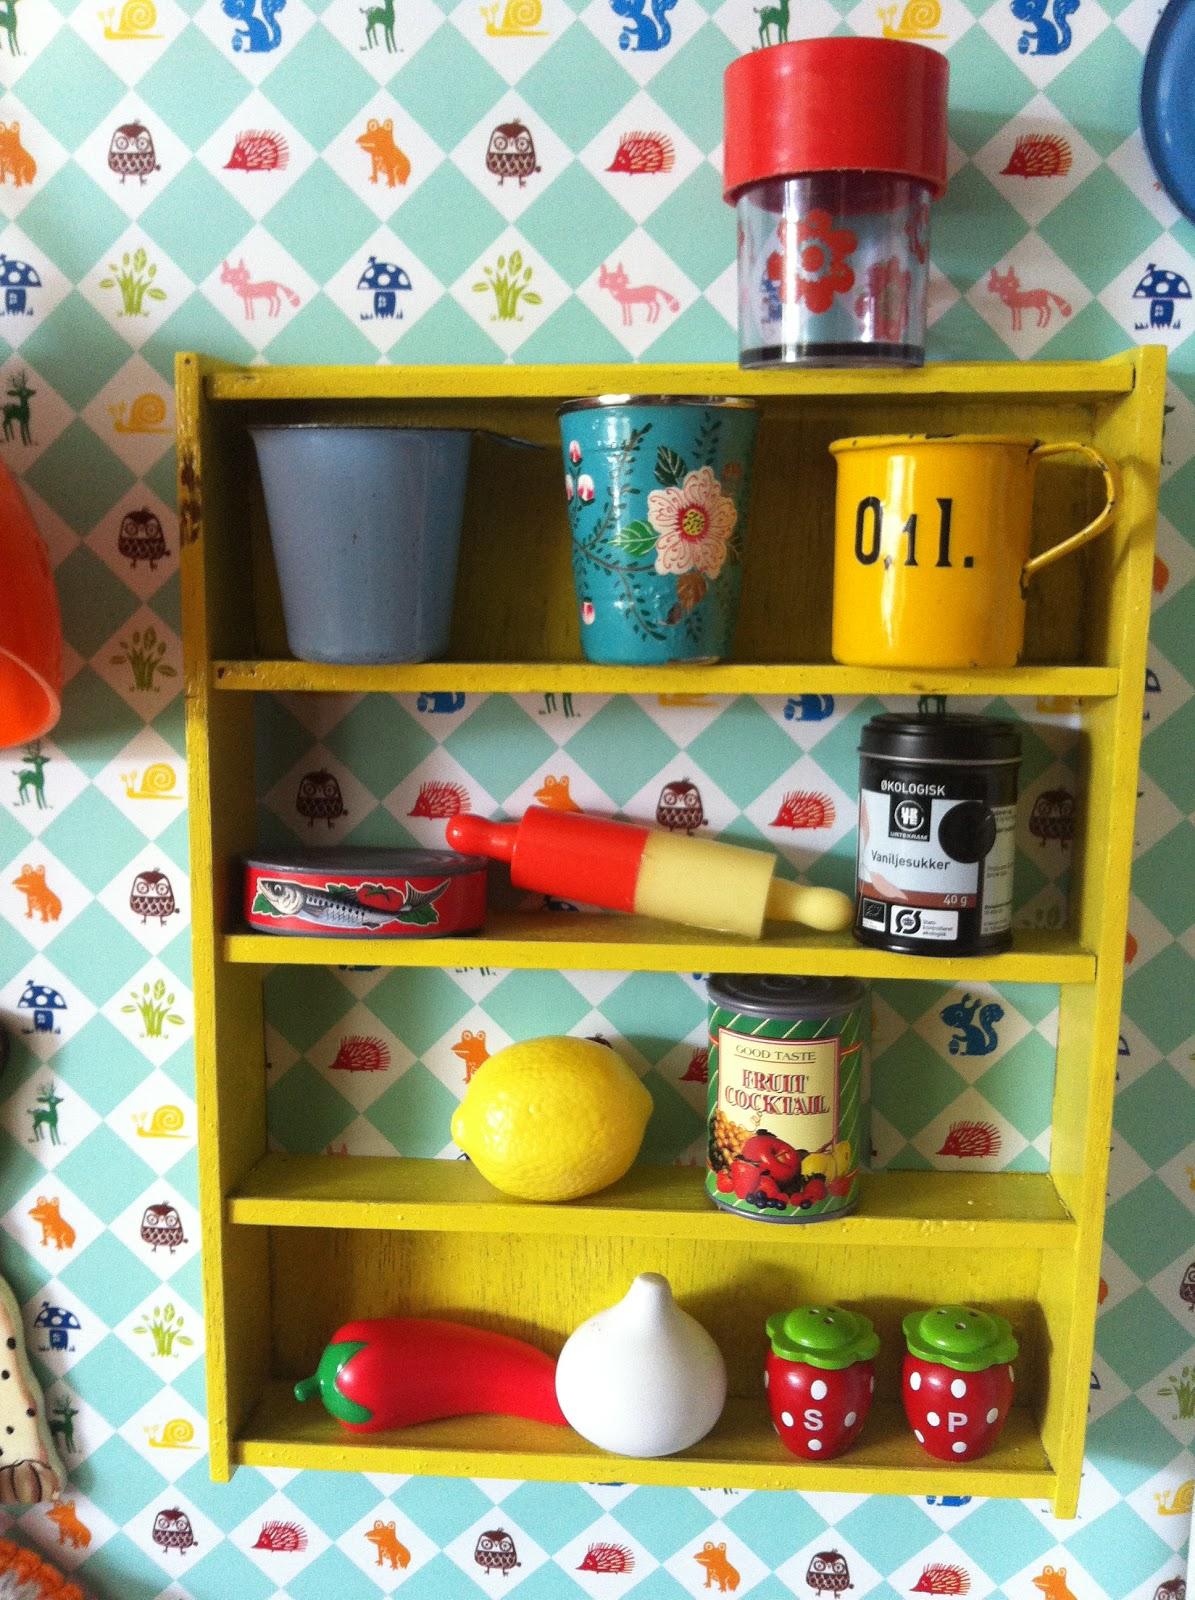 #B49D17 Anbefalede Legekøkken Projekt Gør Det Selv Playkitchen DIY Karolines Blog Gør Det Selv Legekøkken 5667 119516005667